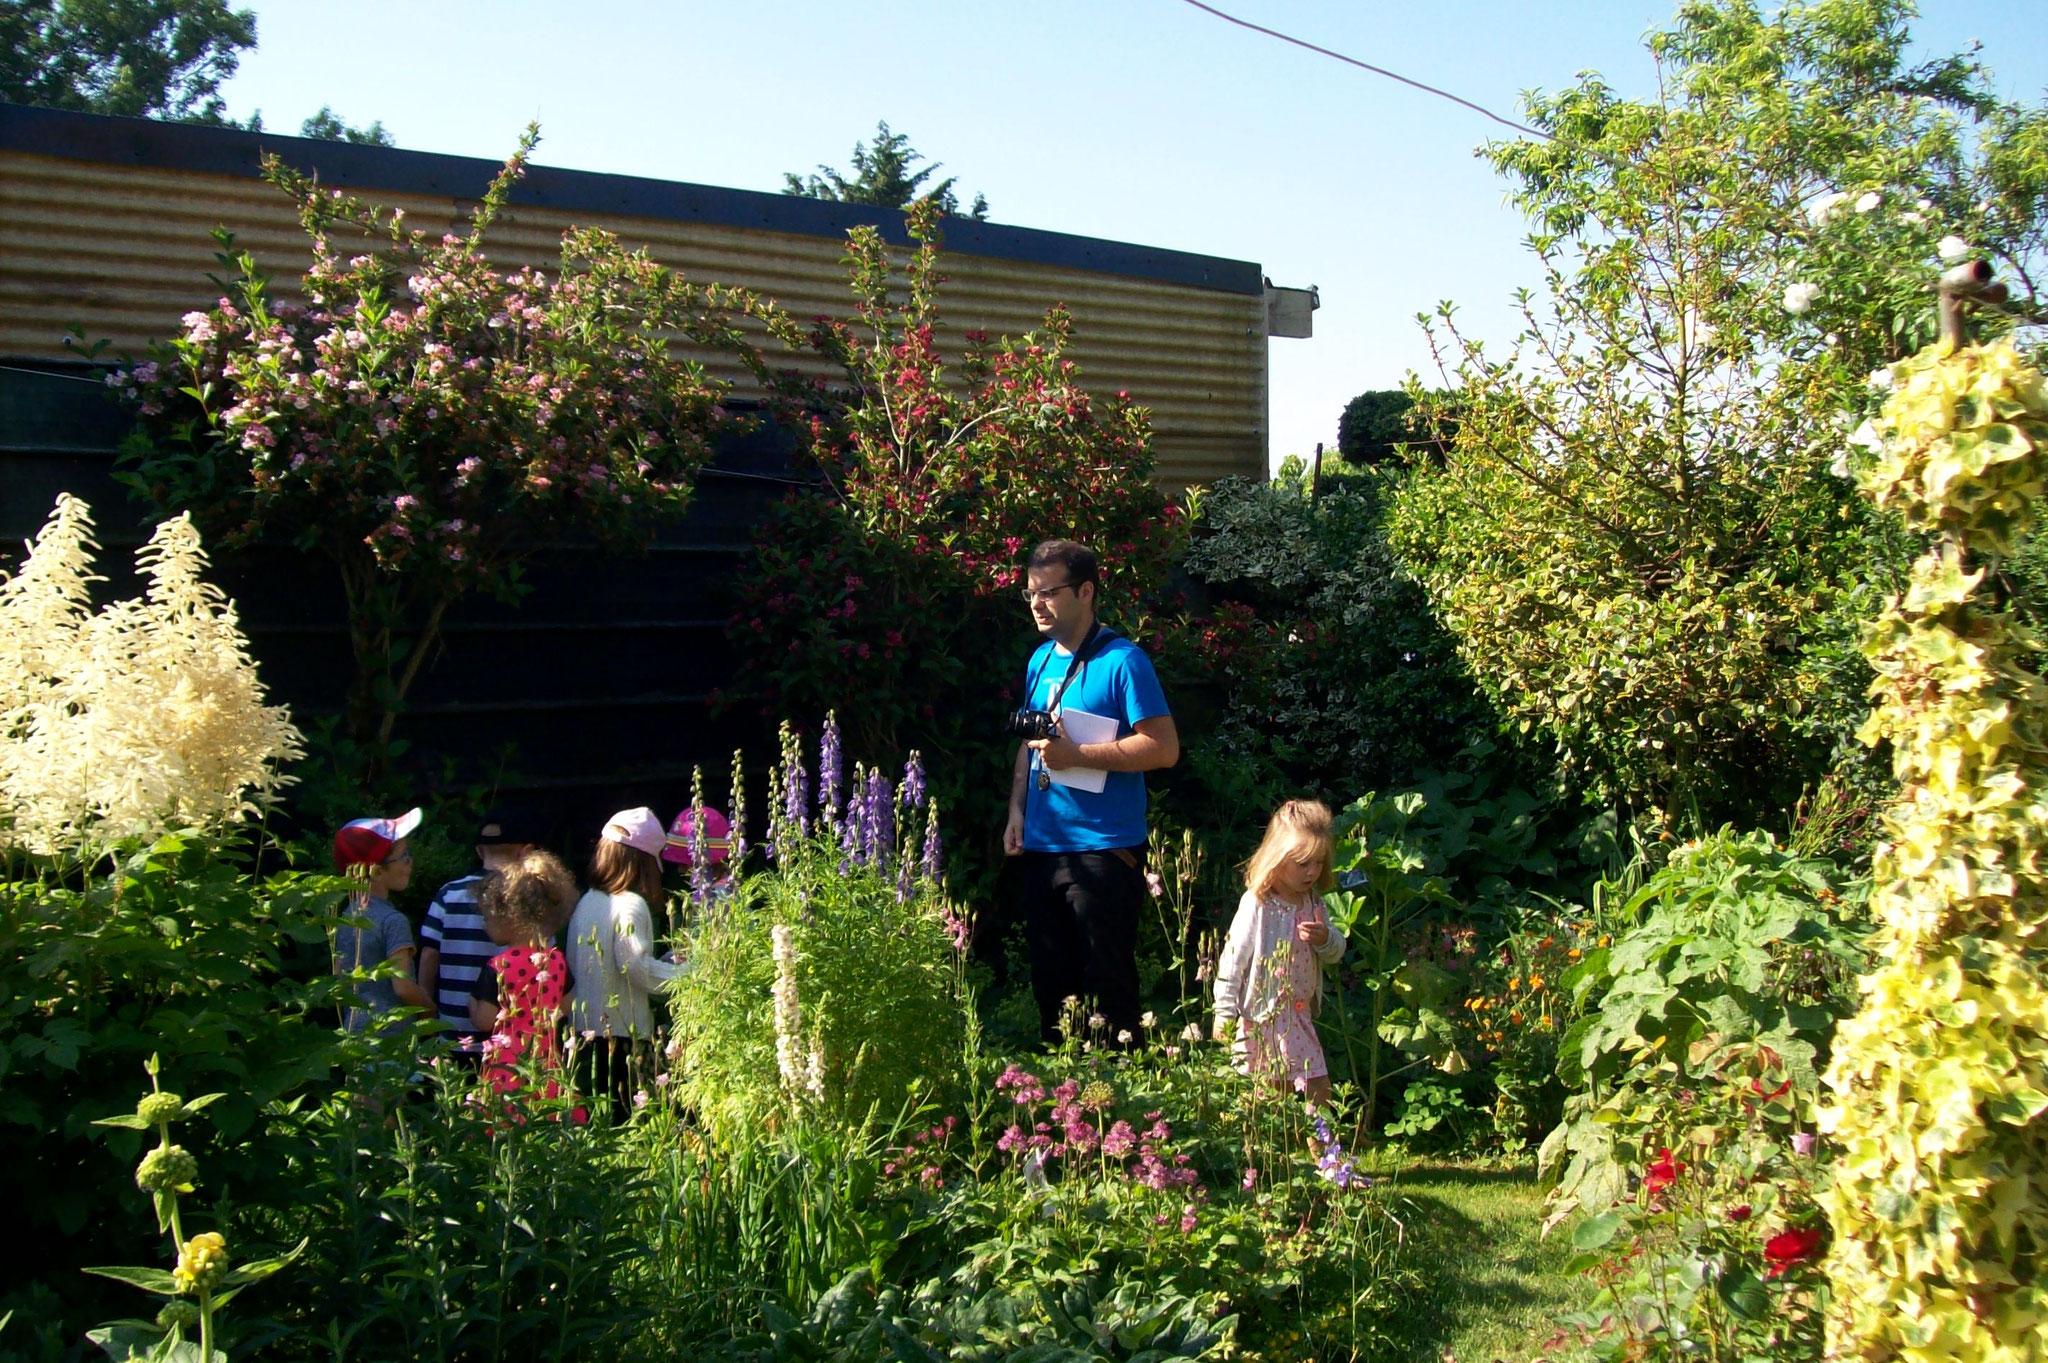 Frais que faire au jardin sabakunohana - Que faire au jardin en novembre ...